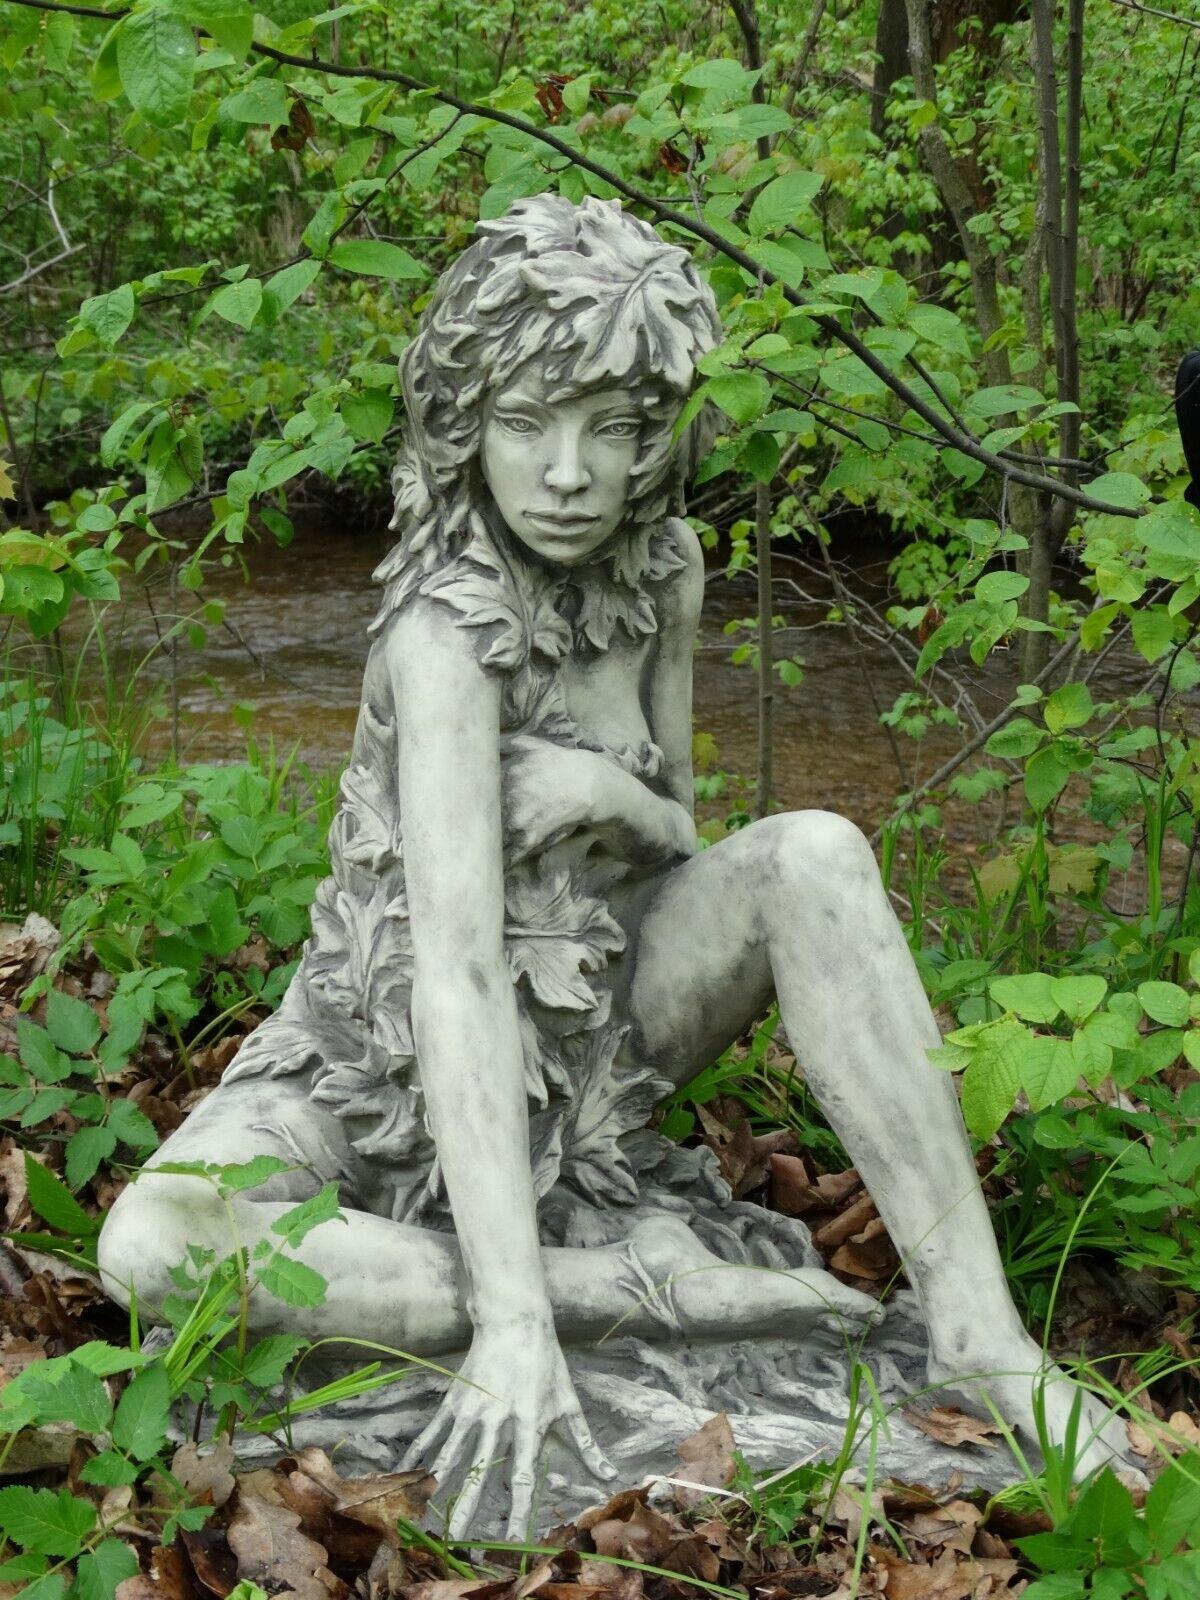 Gartenfigur Skulptur Steinfigur Statue Steinguss Dekoration Baumhüterin Ahorn